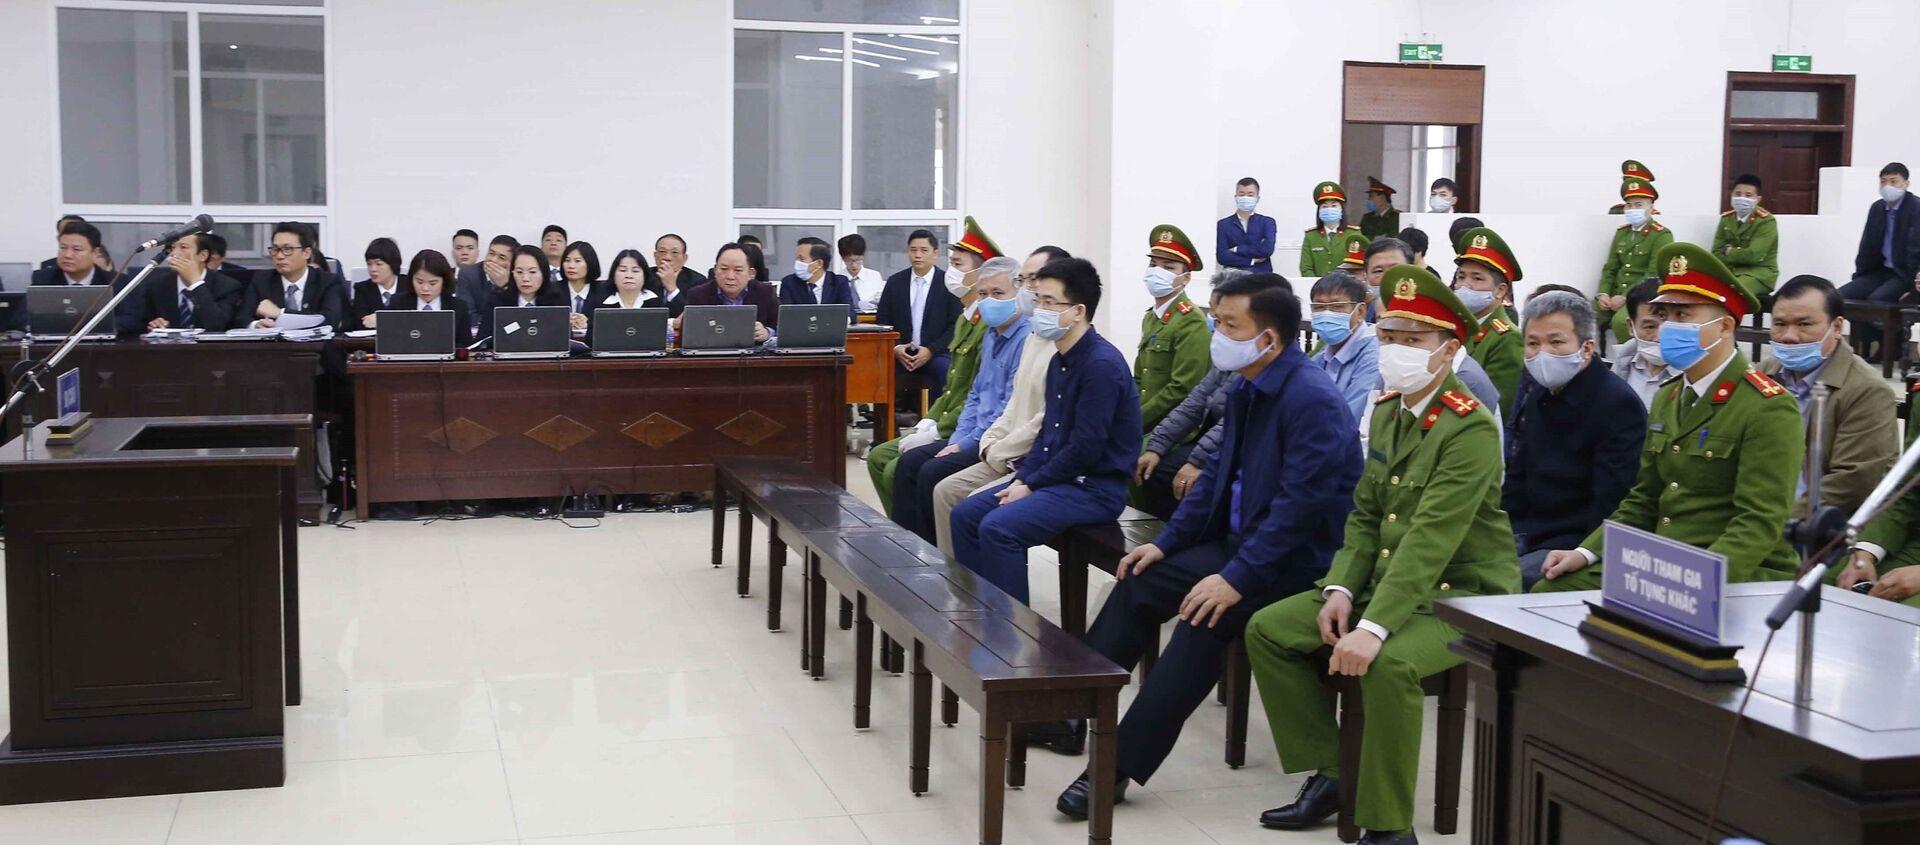 Bị cáo Đinh La Thăng cùng đồng phạm tại phiên xét xử. - Sputnik Việt Nam, 1920, 02.04.2021